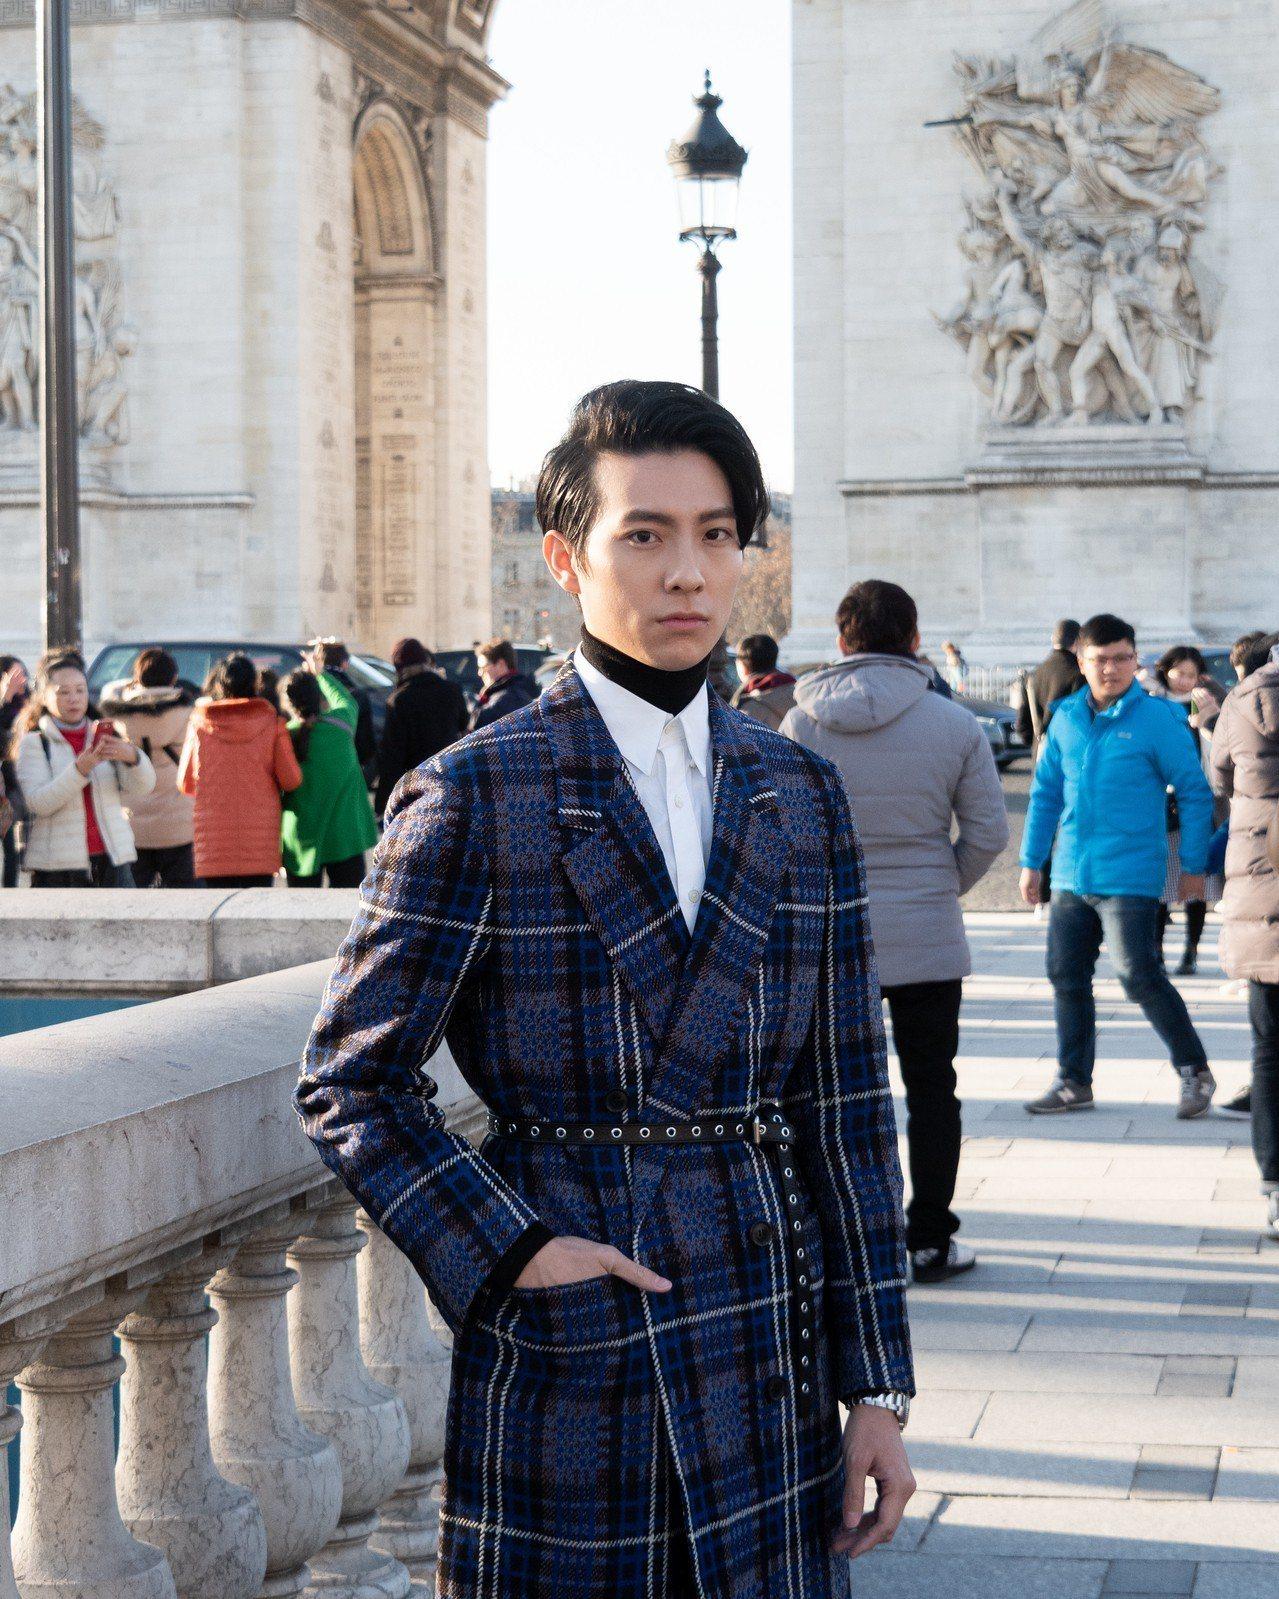 彭千祐首次造訪巴黎男裝周,很好奇也很興奮,覺得不管是參加時裝周的人或是巴黎的路人...